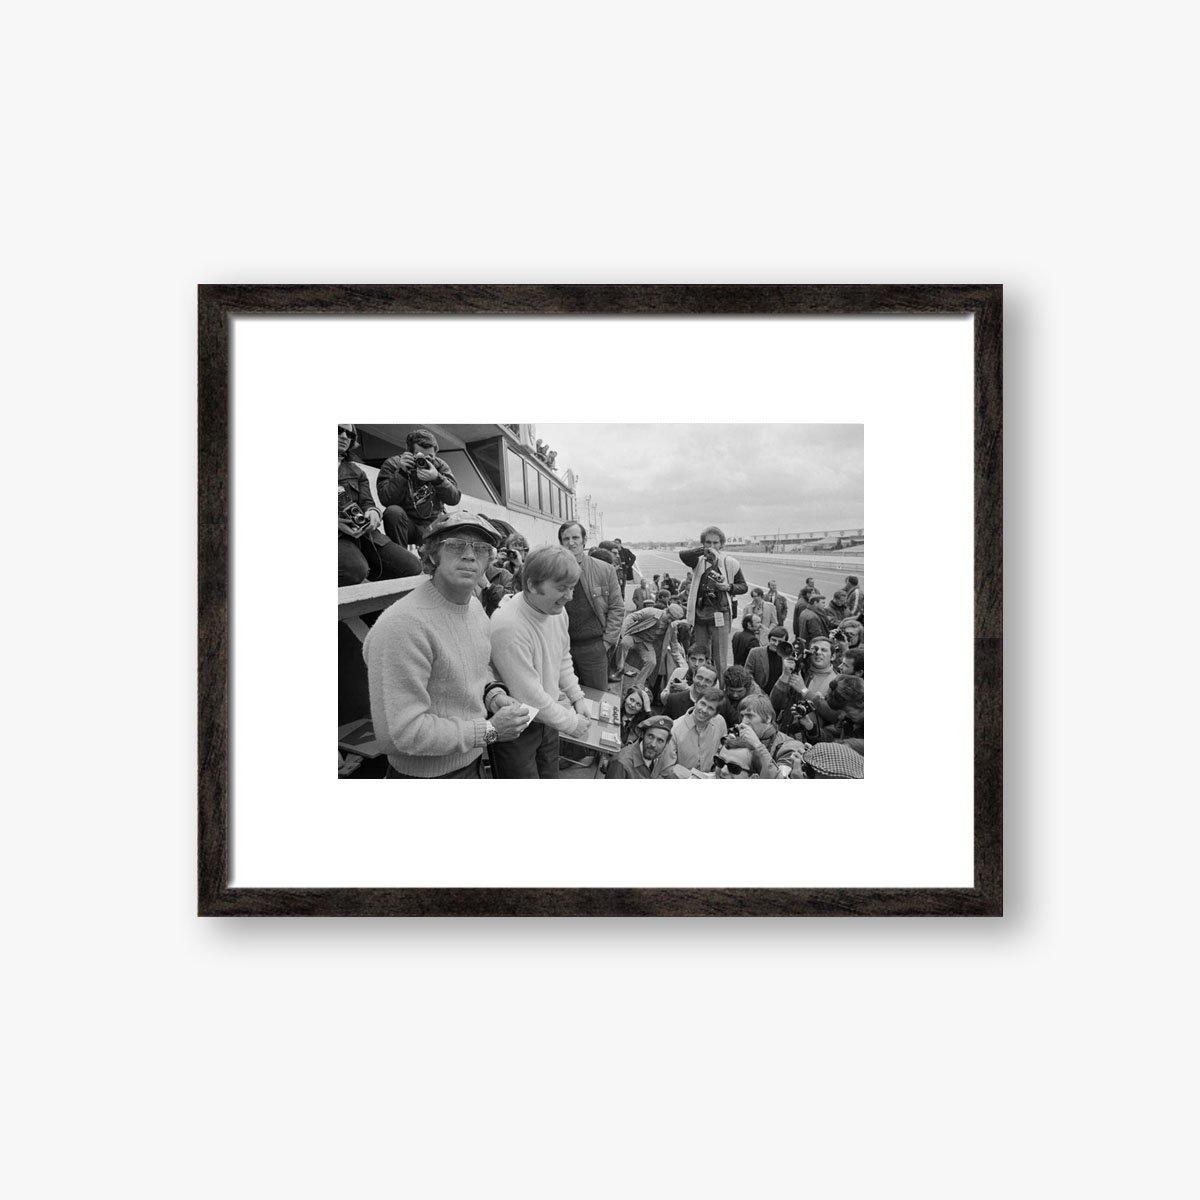 Steve McQueen At Le Mans by Reg Lancaster